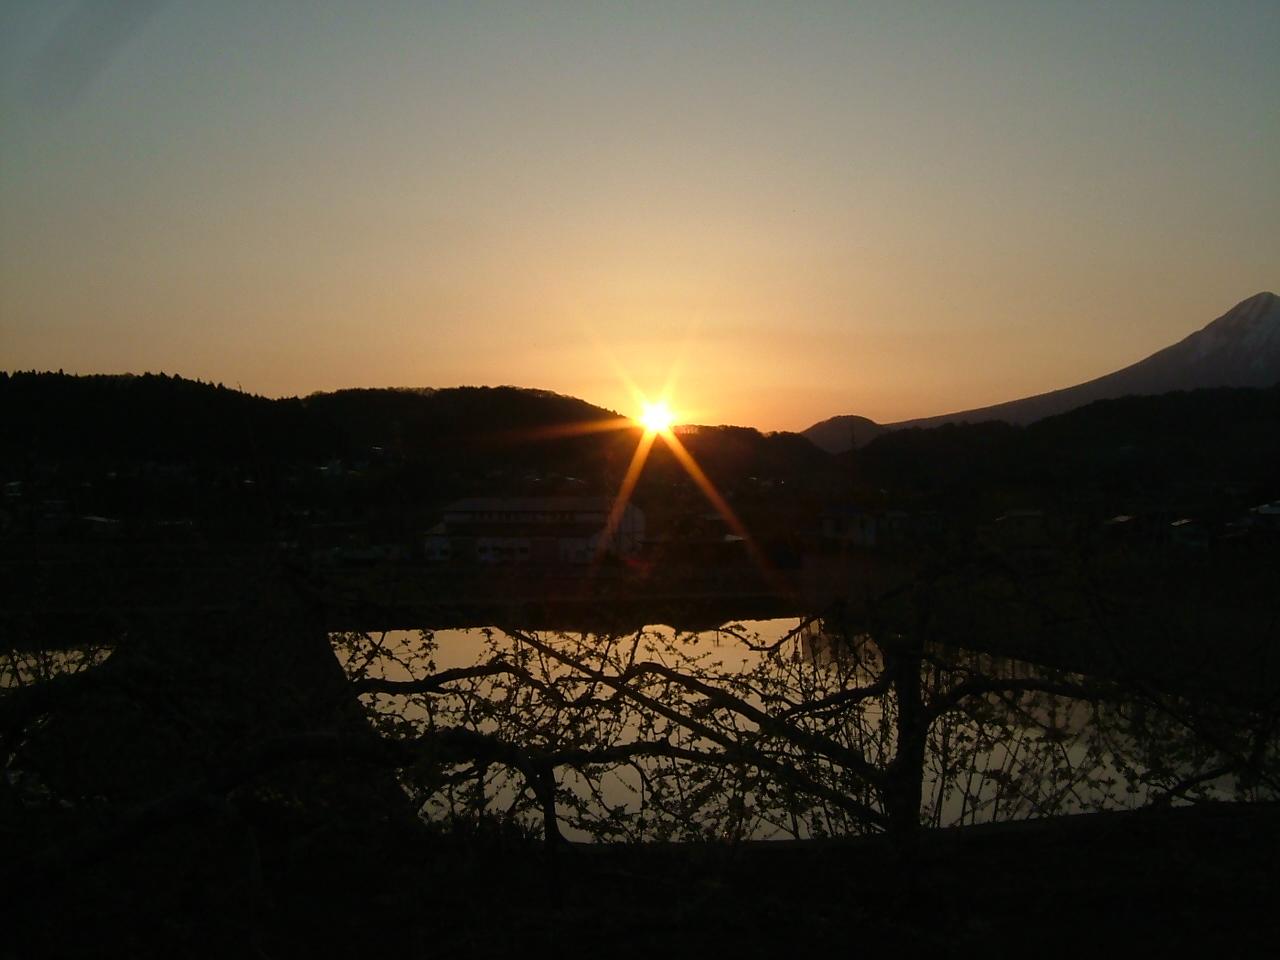 青森 風景 秋 津軽 岩木山 夕陽 ダイヤモンド